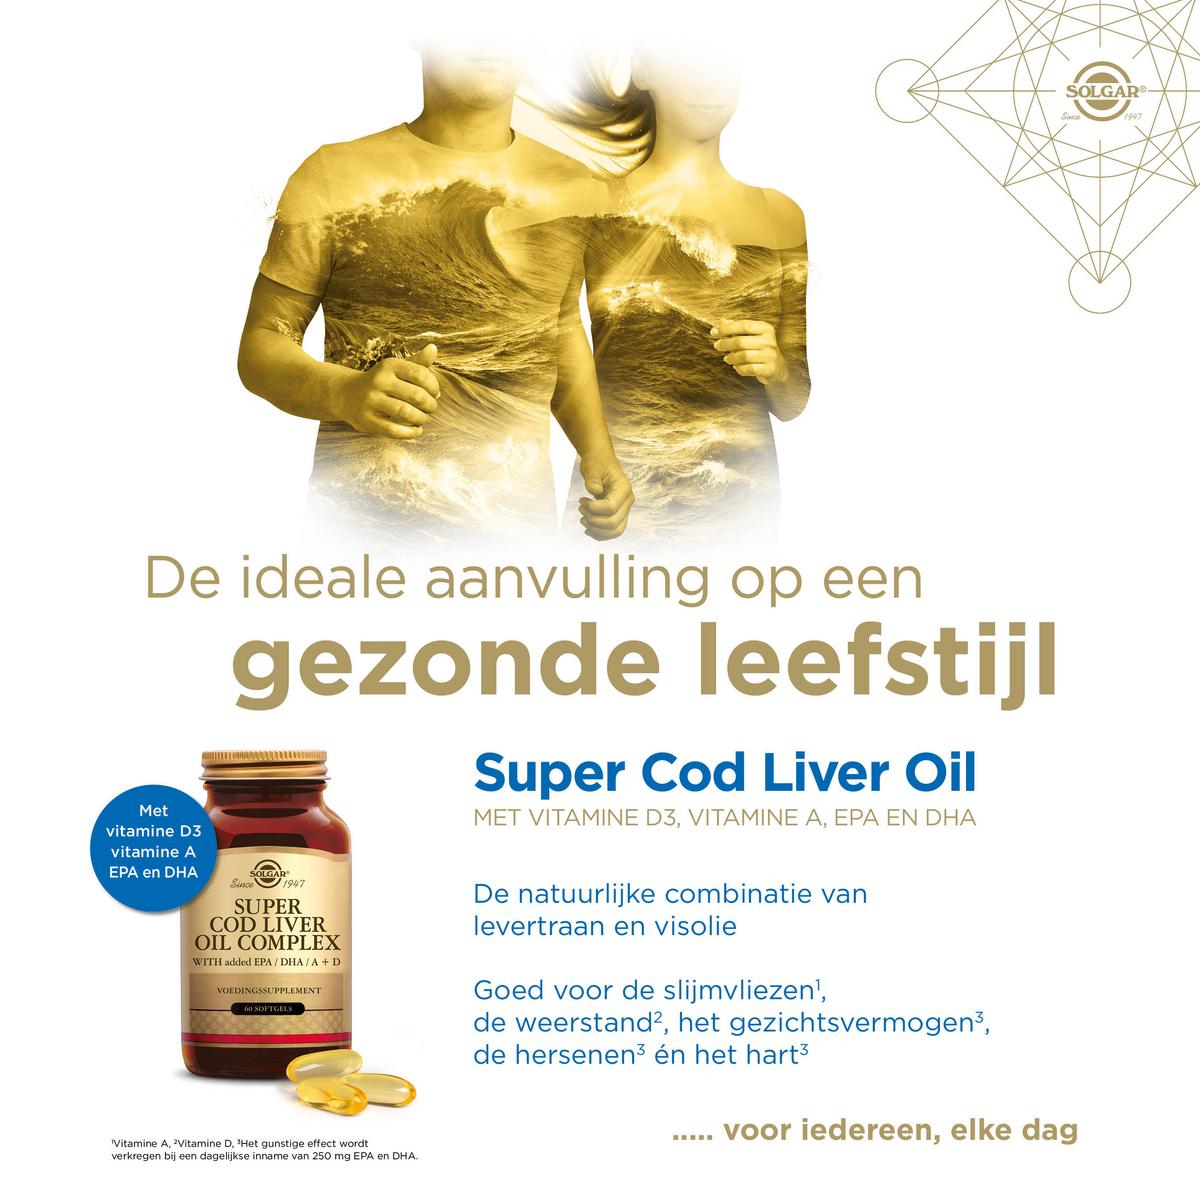 Solgar Vitamins De Ideale Aanvulling